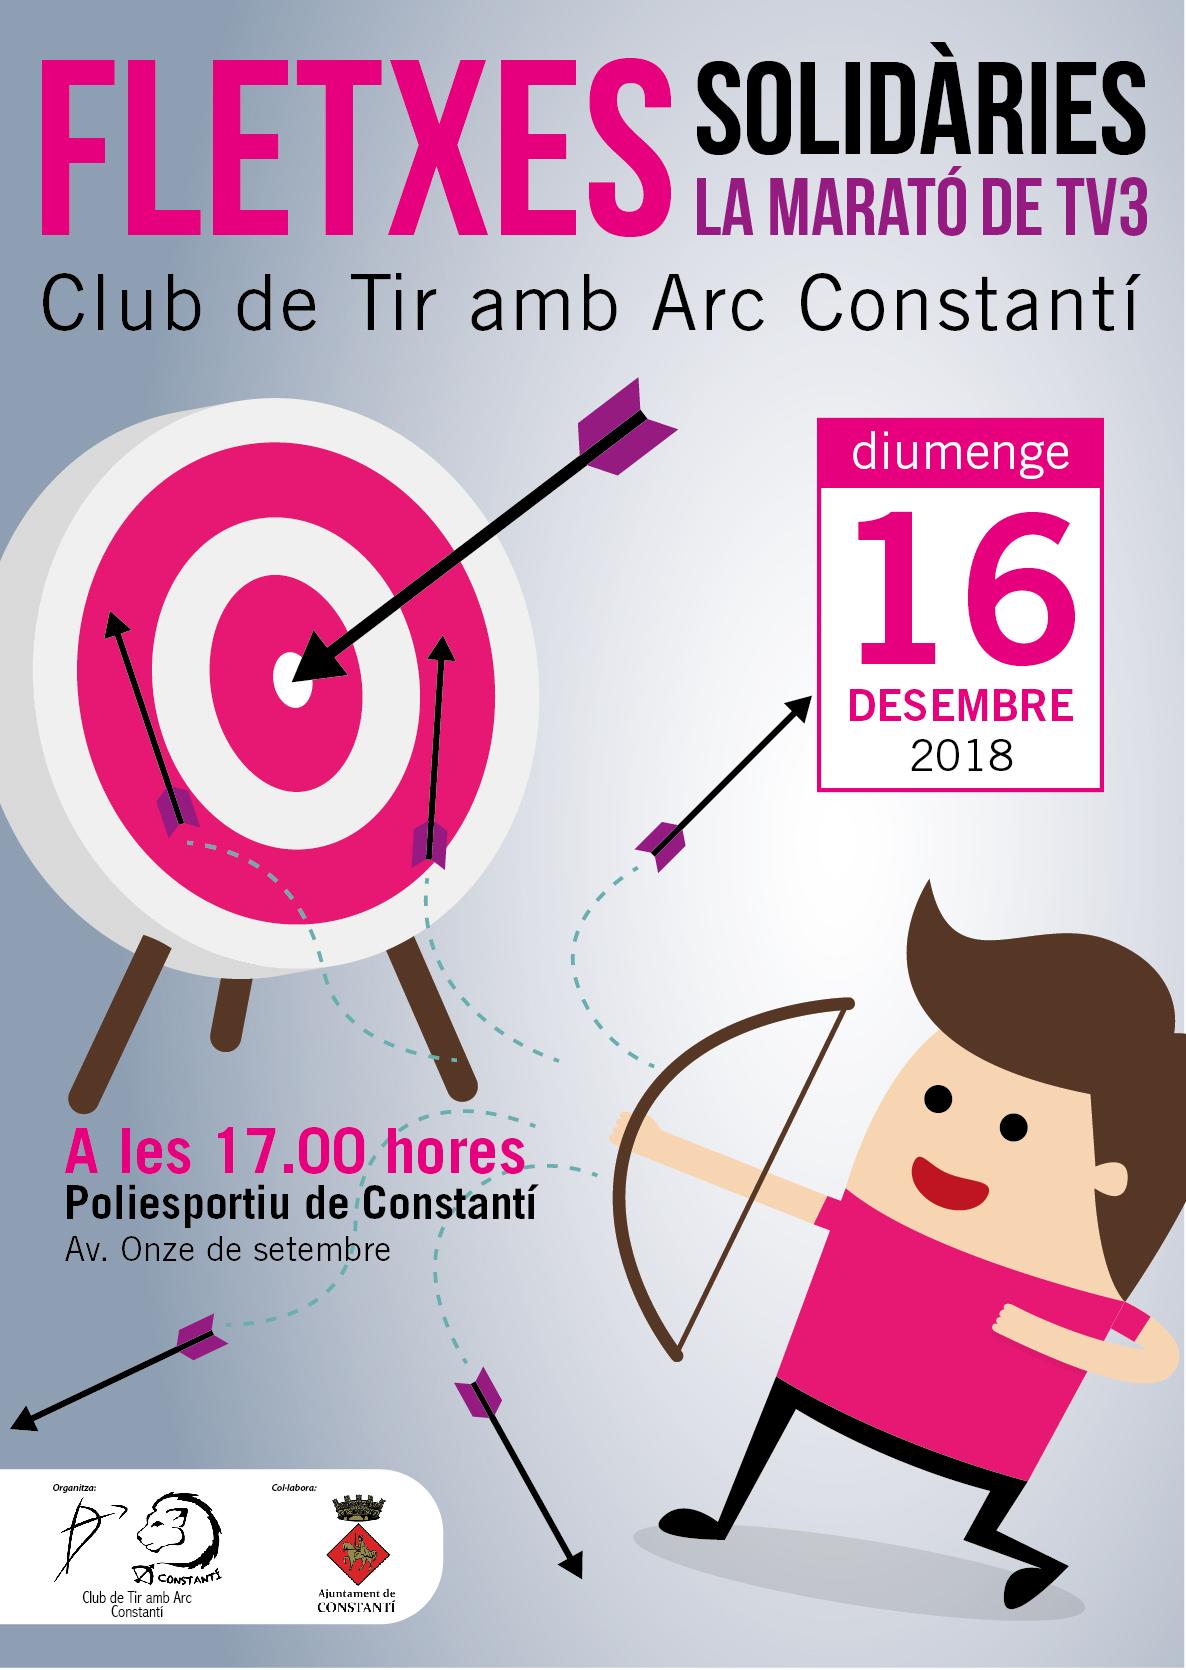 """El Club de Tir amb Arc Constantí promou el projecte """"Fletxes solidàries"""" en col·laboració amb la Marató de TV3"""